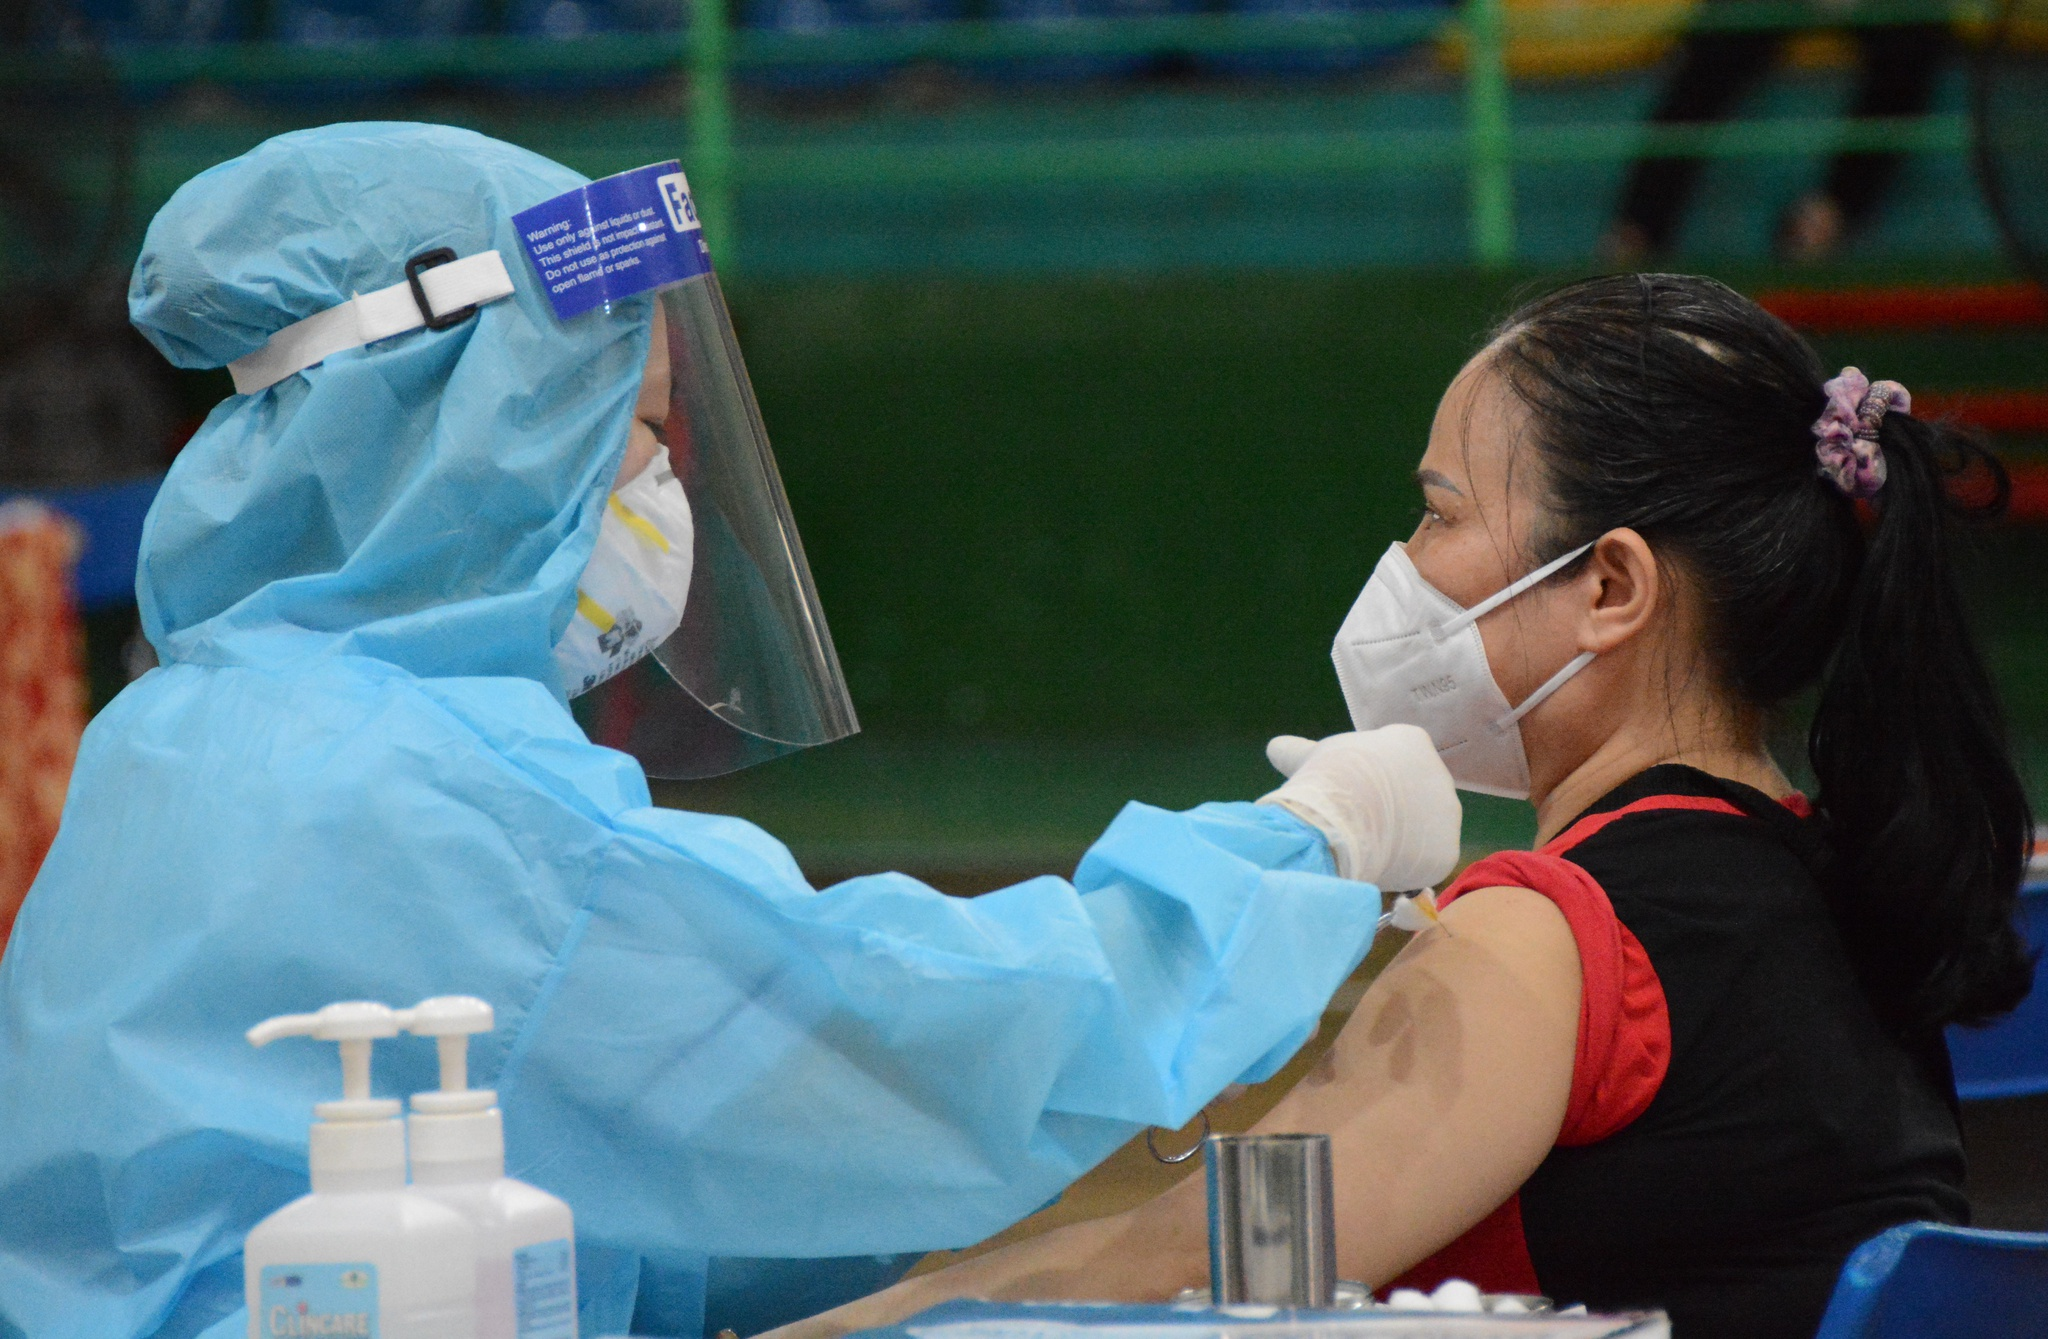 TP.HCM phấn đấu đến cuối tháng 8.2021, có khoảng 70% dân số (trên 18 tuổi) được tiếp cận vắc xin mũi 1. /// ẢNH: DUY TÍNH